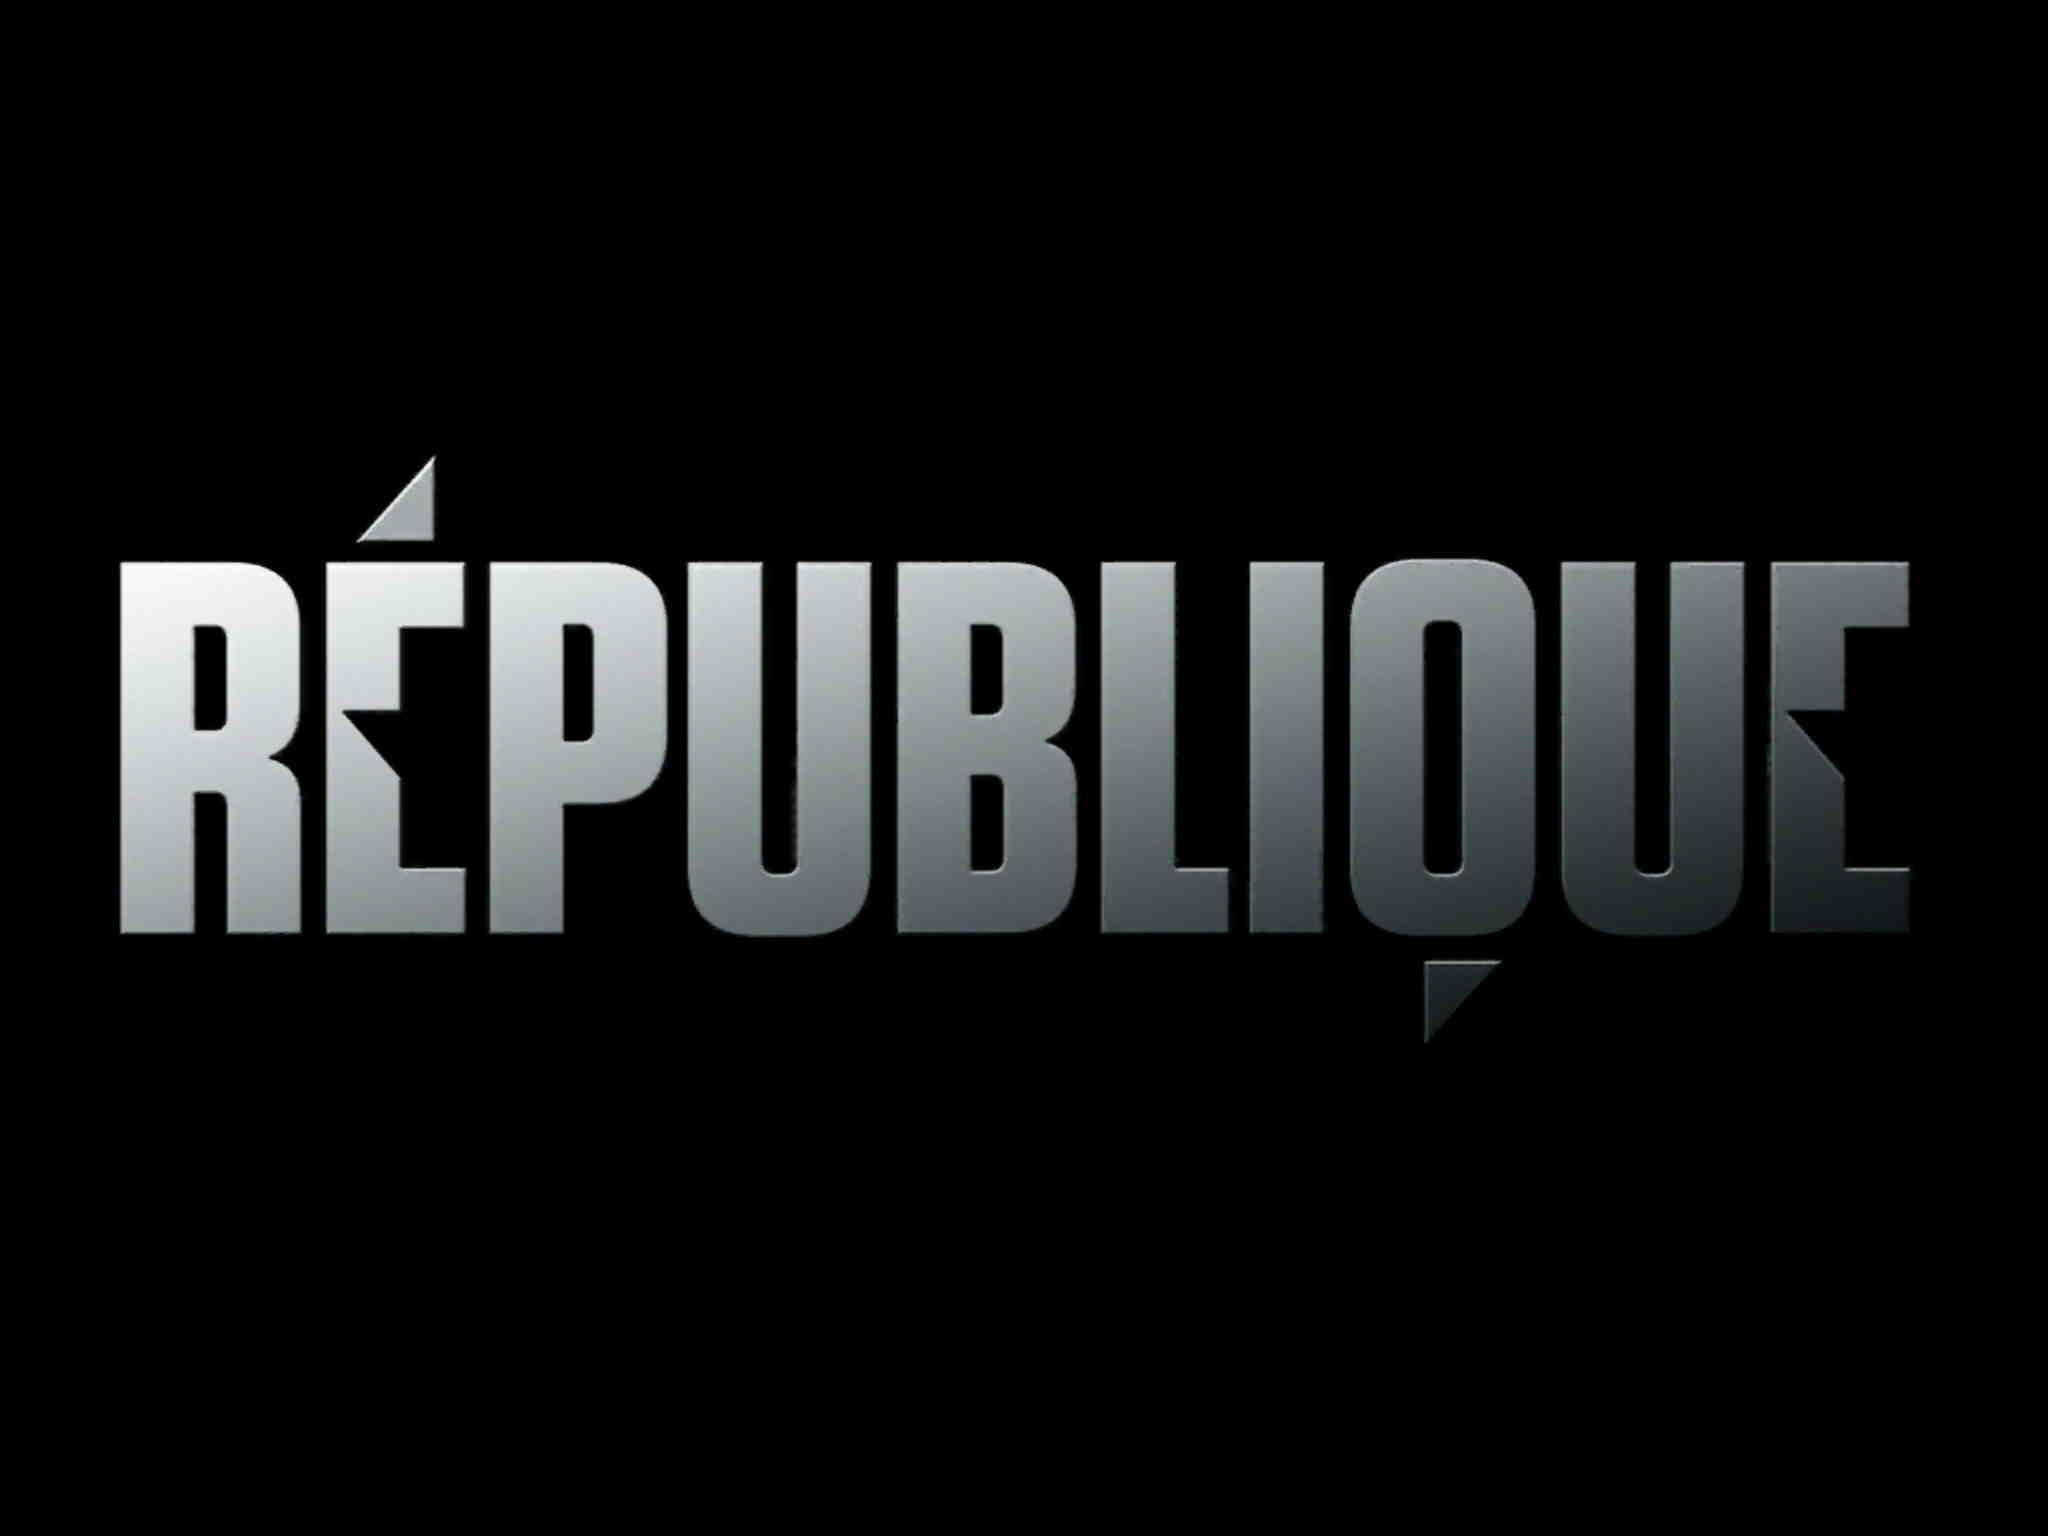 Republique_01